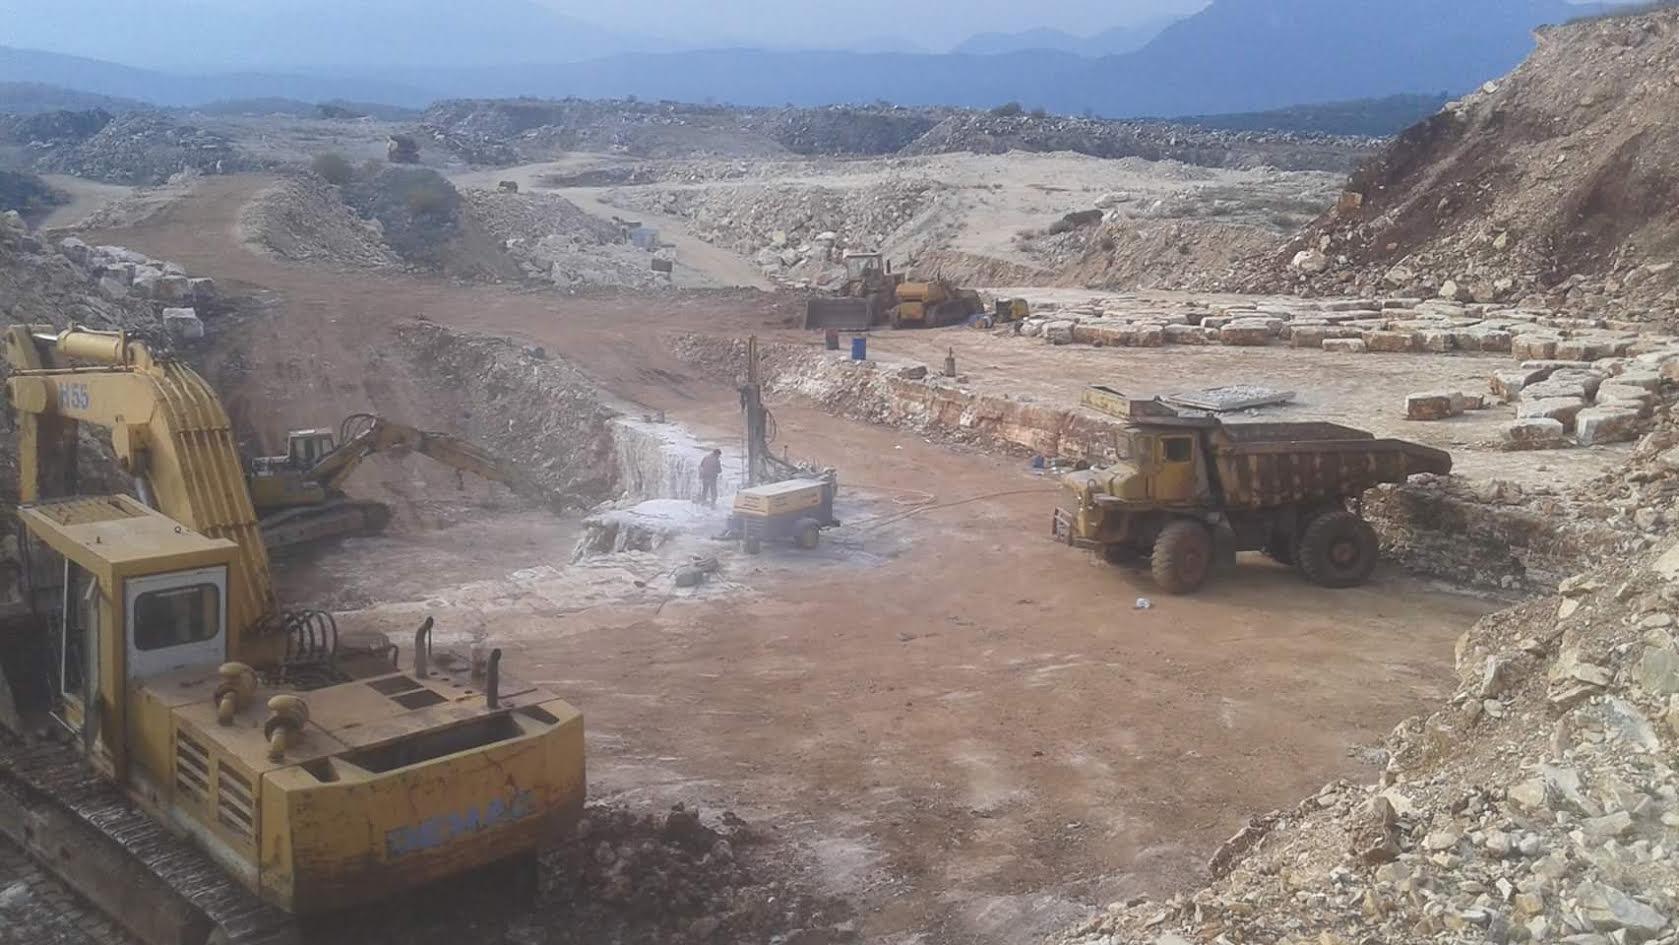 Ο σχεδιασμός δημιουργίας νέων λατομείων θα επηρεάσει δραματικά τα χωρία της Επαρχίας Λάρνακας και τις γύρω περιοχής